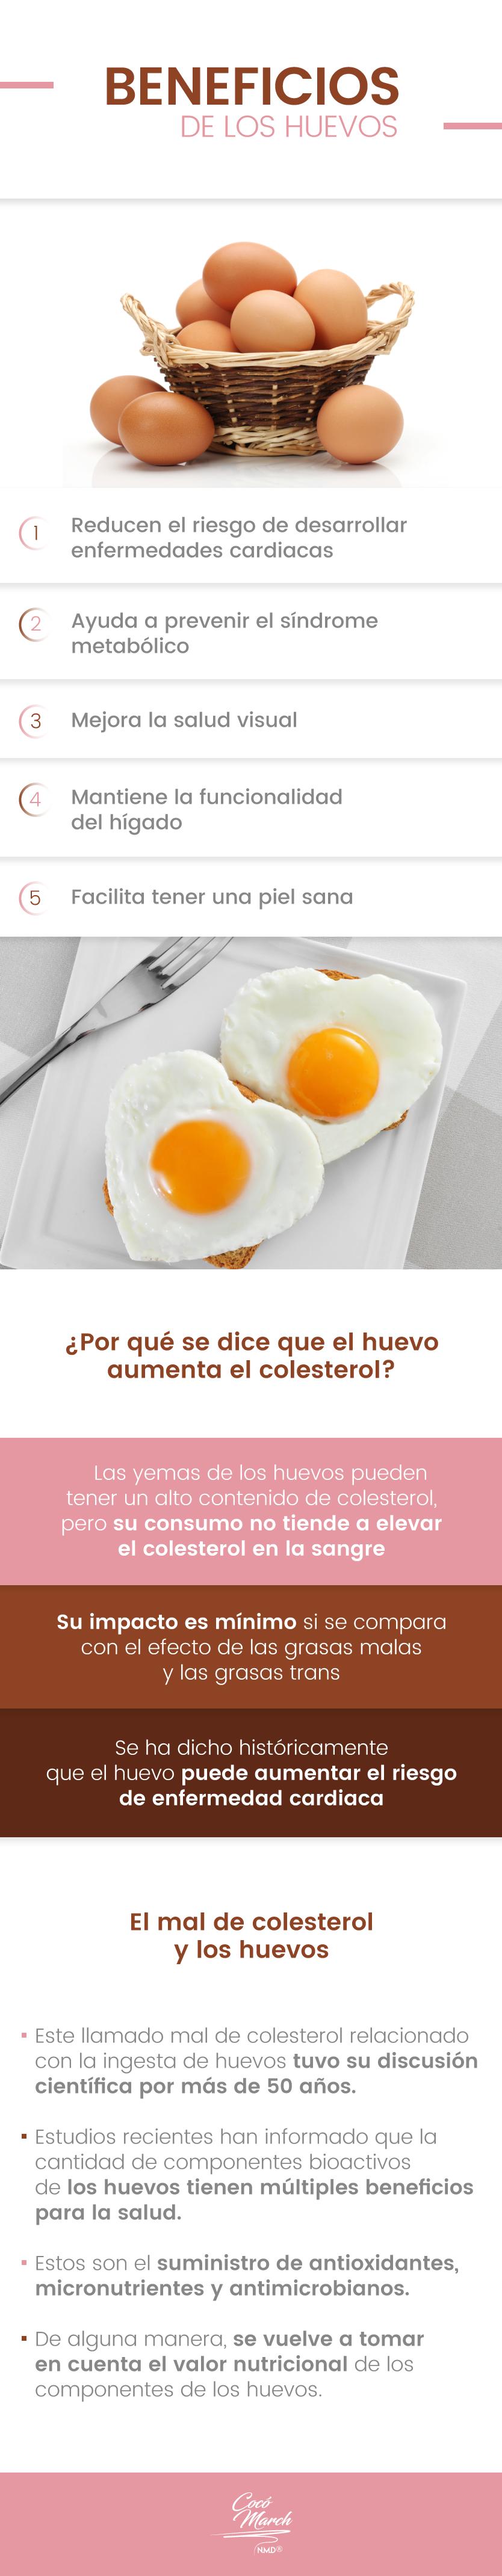 beneficios-de-los-huevos